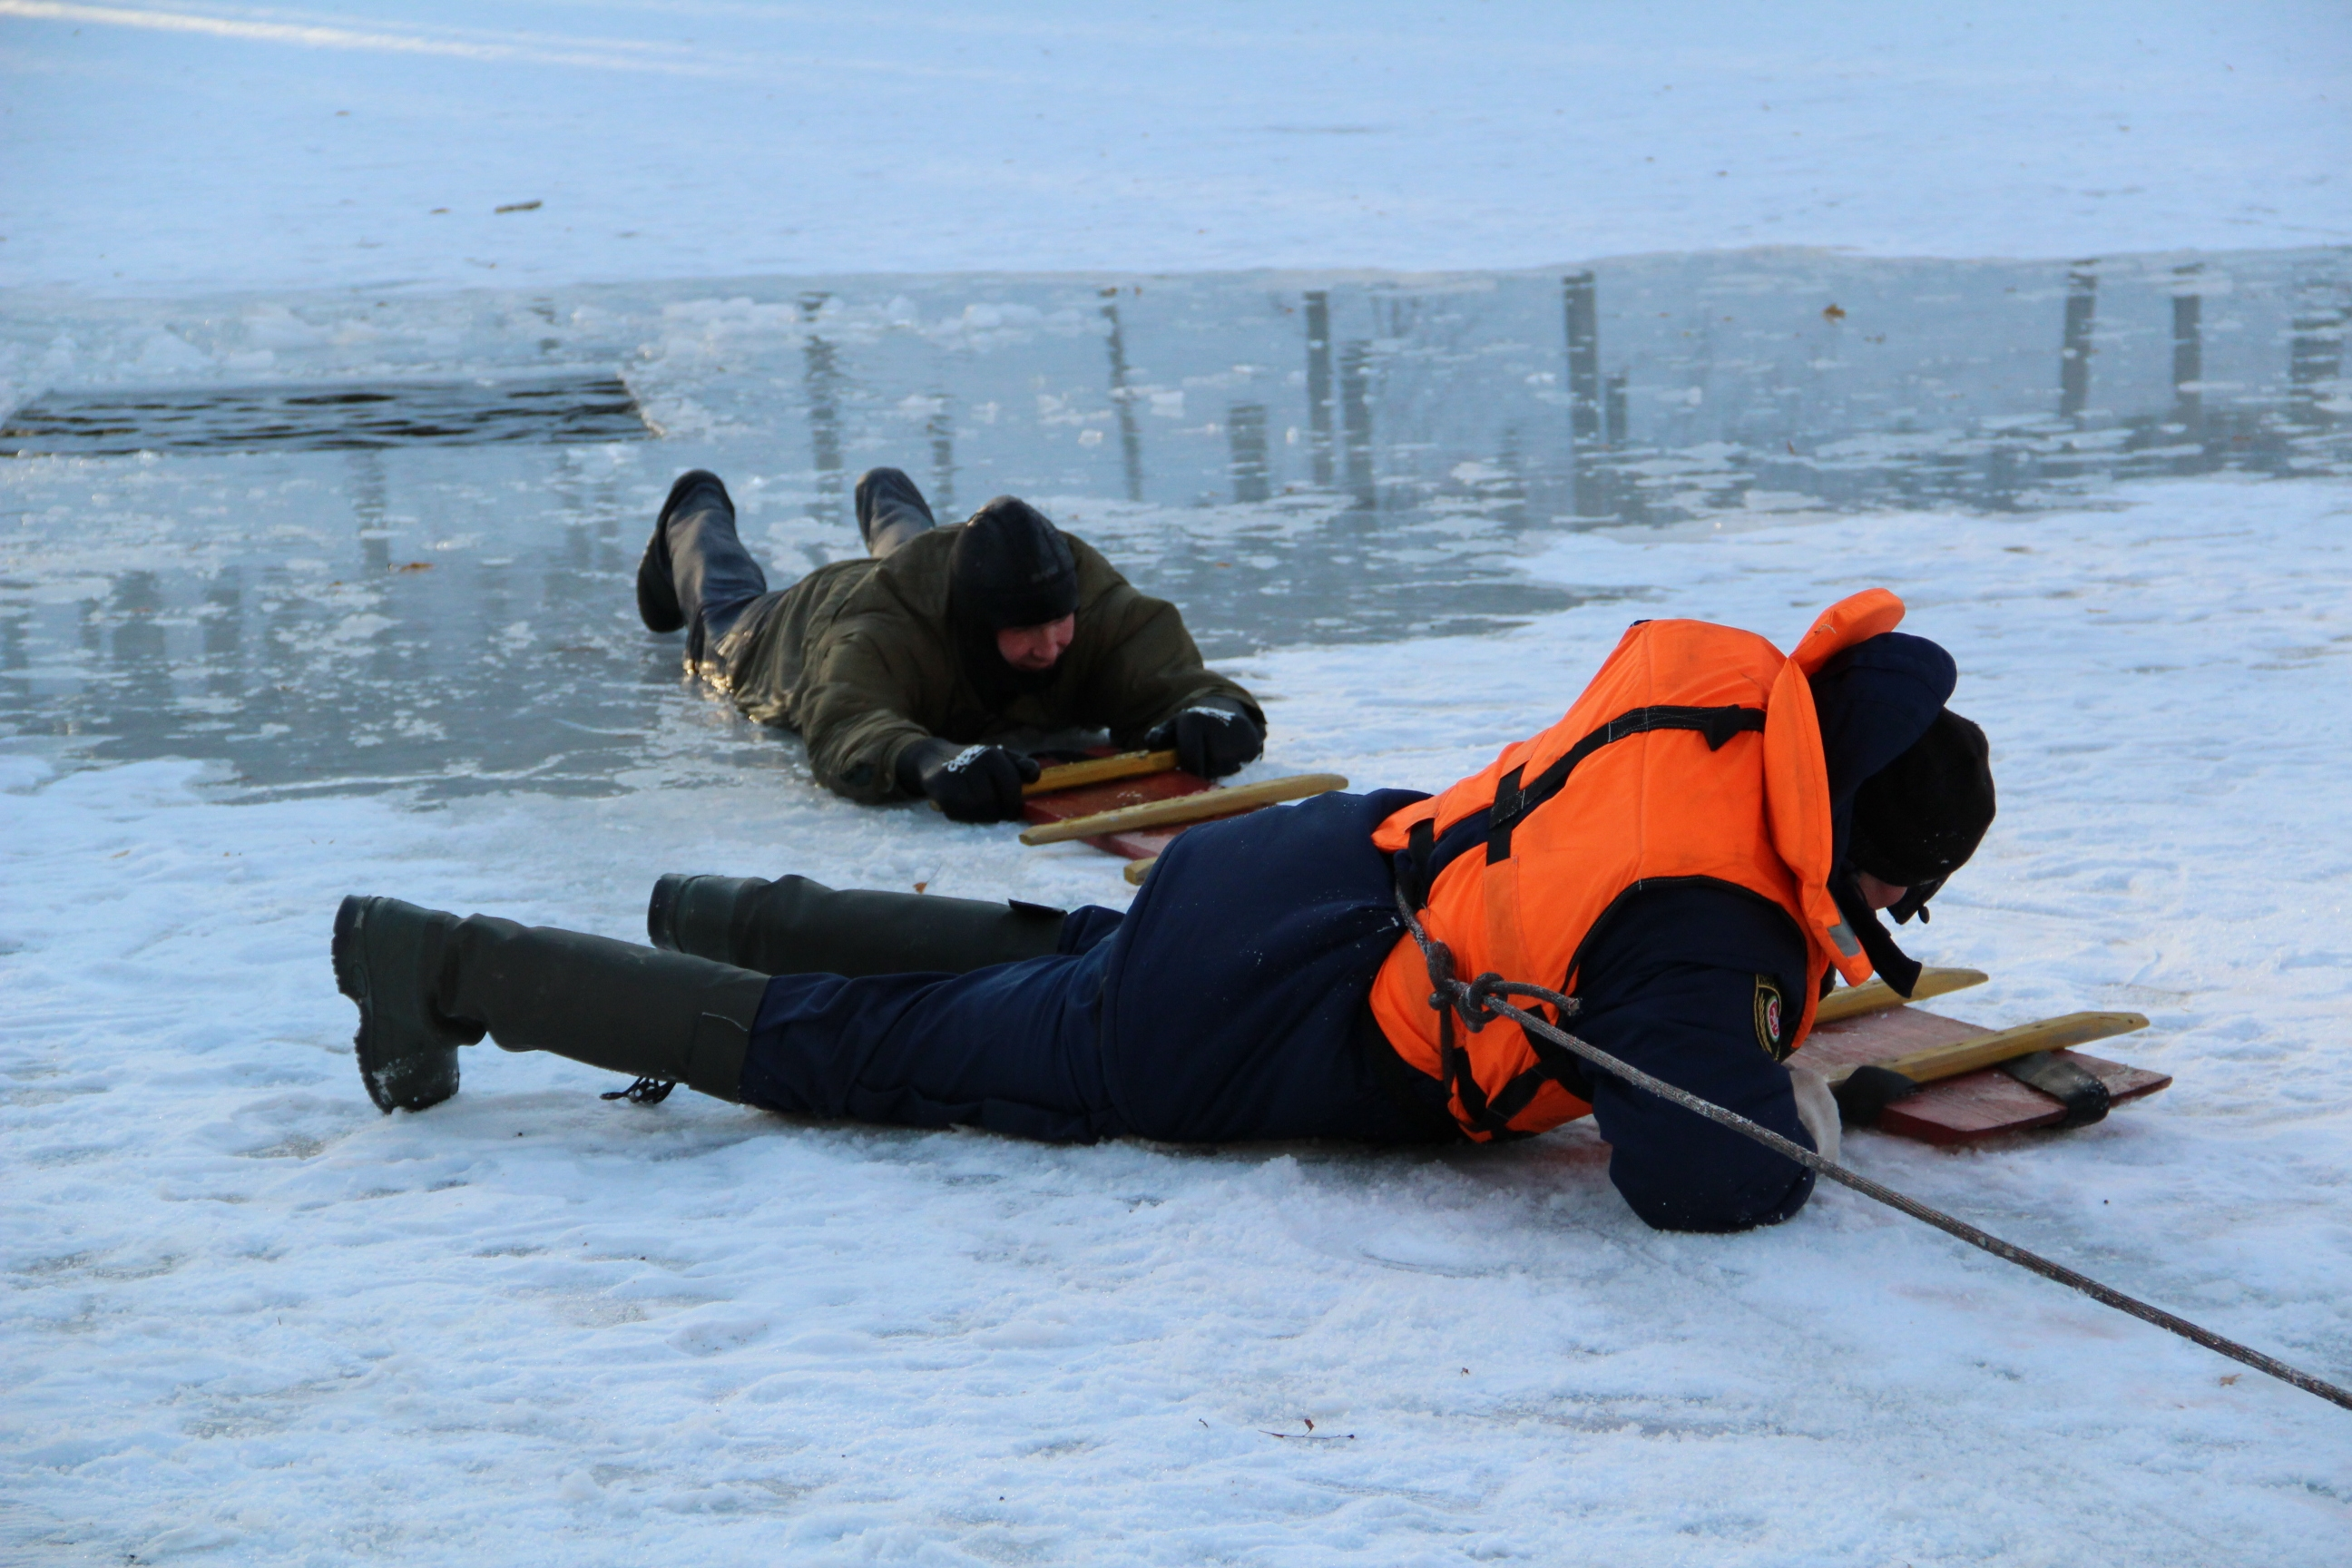 Шокуюча статистика: за місяць на водоймах країни загинуло 29 людей